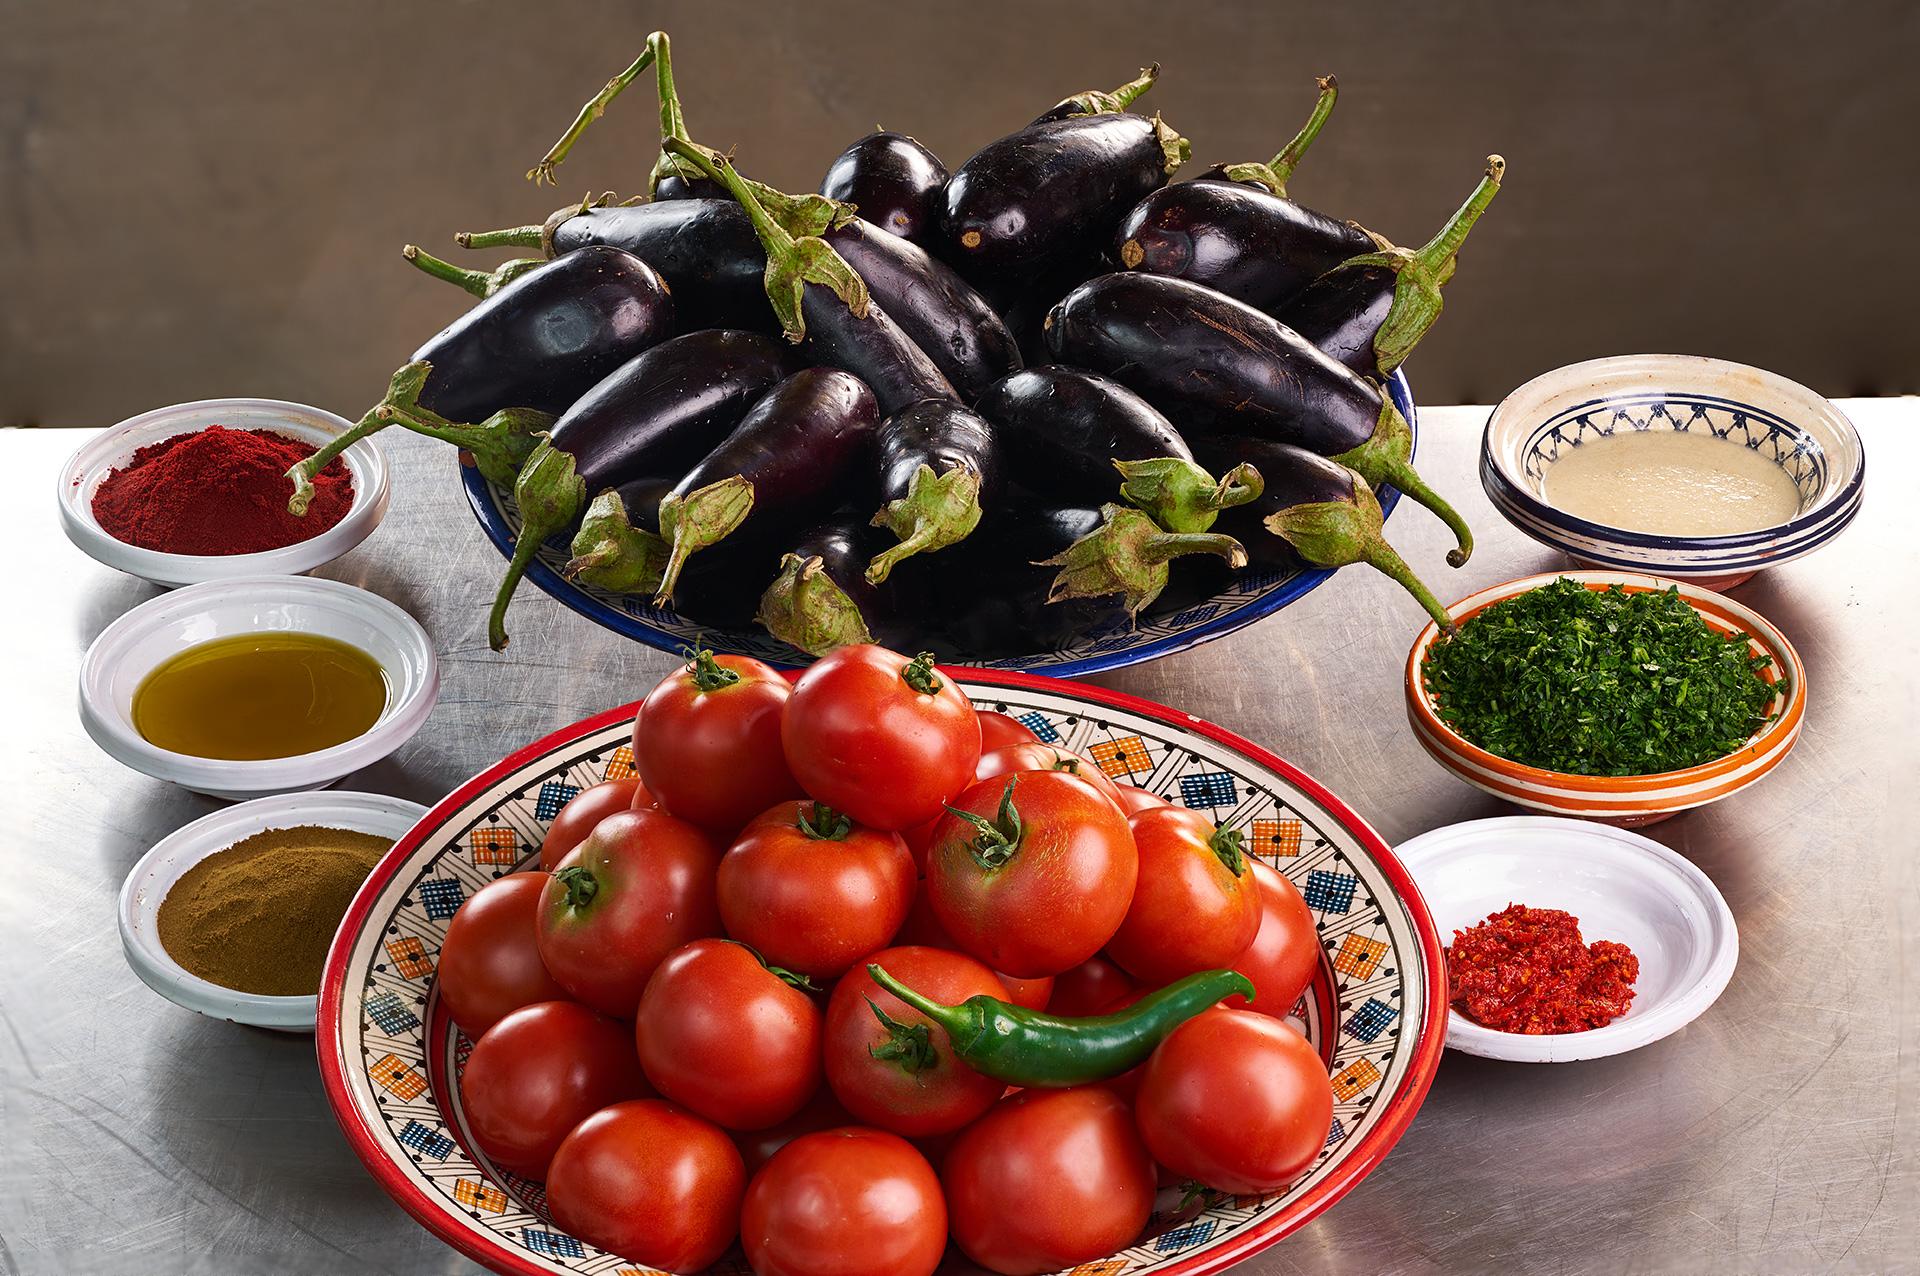 Салат-из-помидор-и-баклажан-ингредиенты.jpg